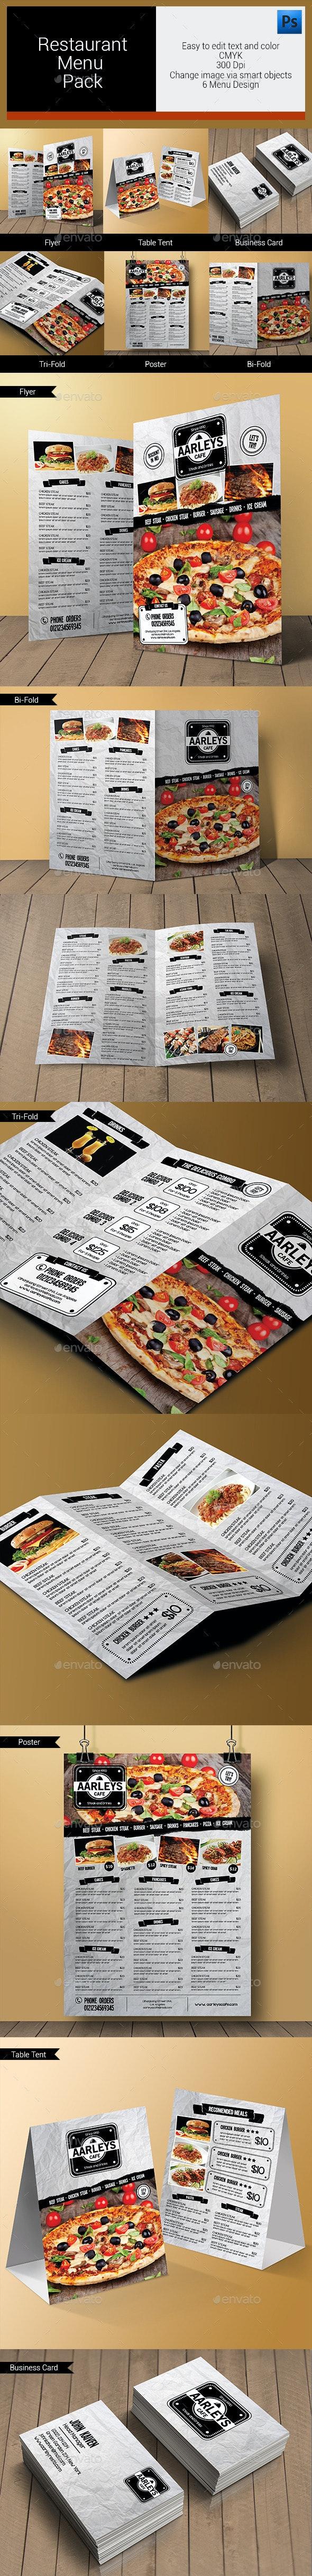 Restaurant Menu Pack - Food Menus Print Templates